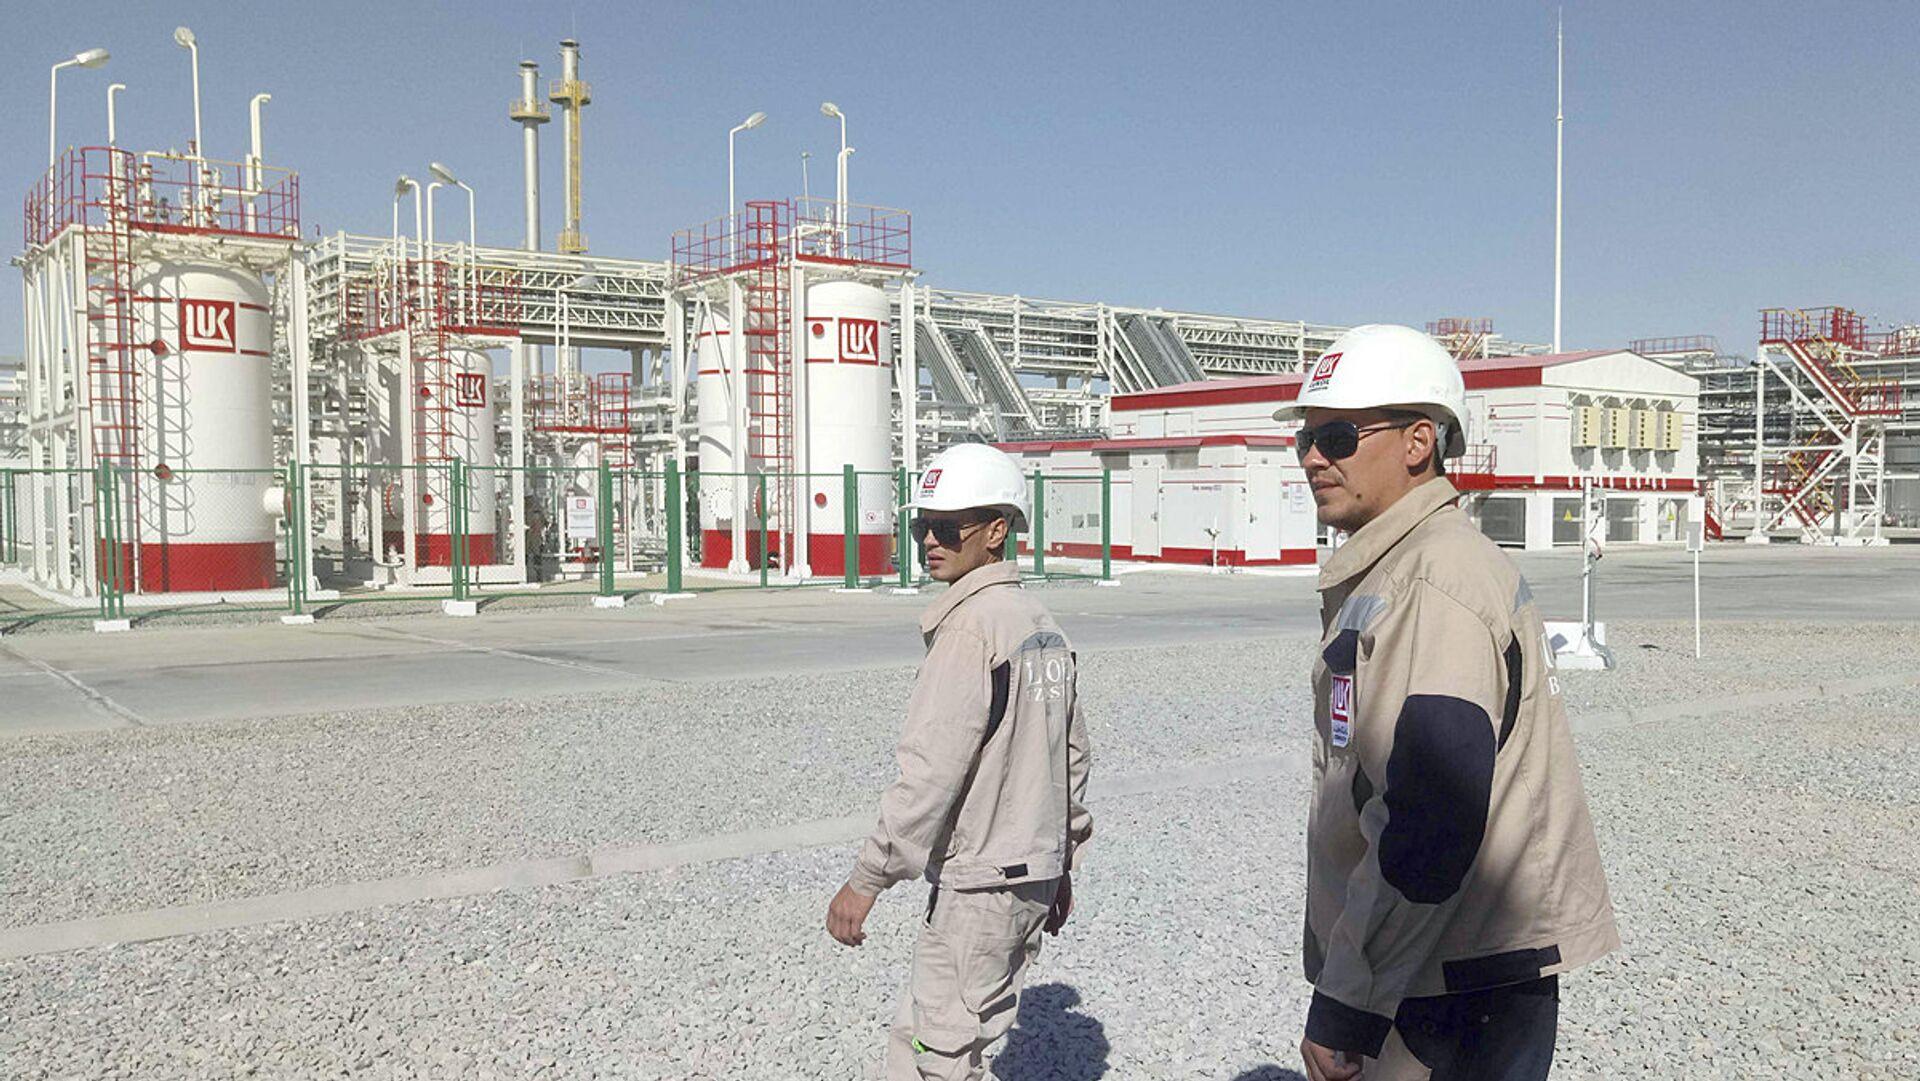 Сотрудники компании Лукойл рядом с газовой станцией в Джаркудуке, Узбекистан - Sputnik Узбекистан, 1920, 01.10.2021